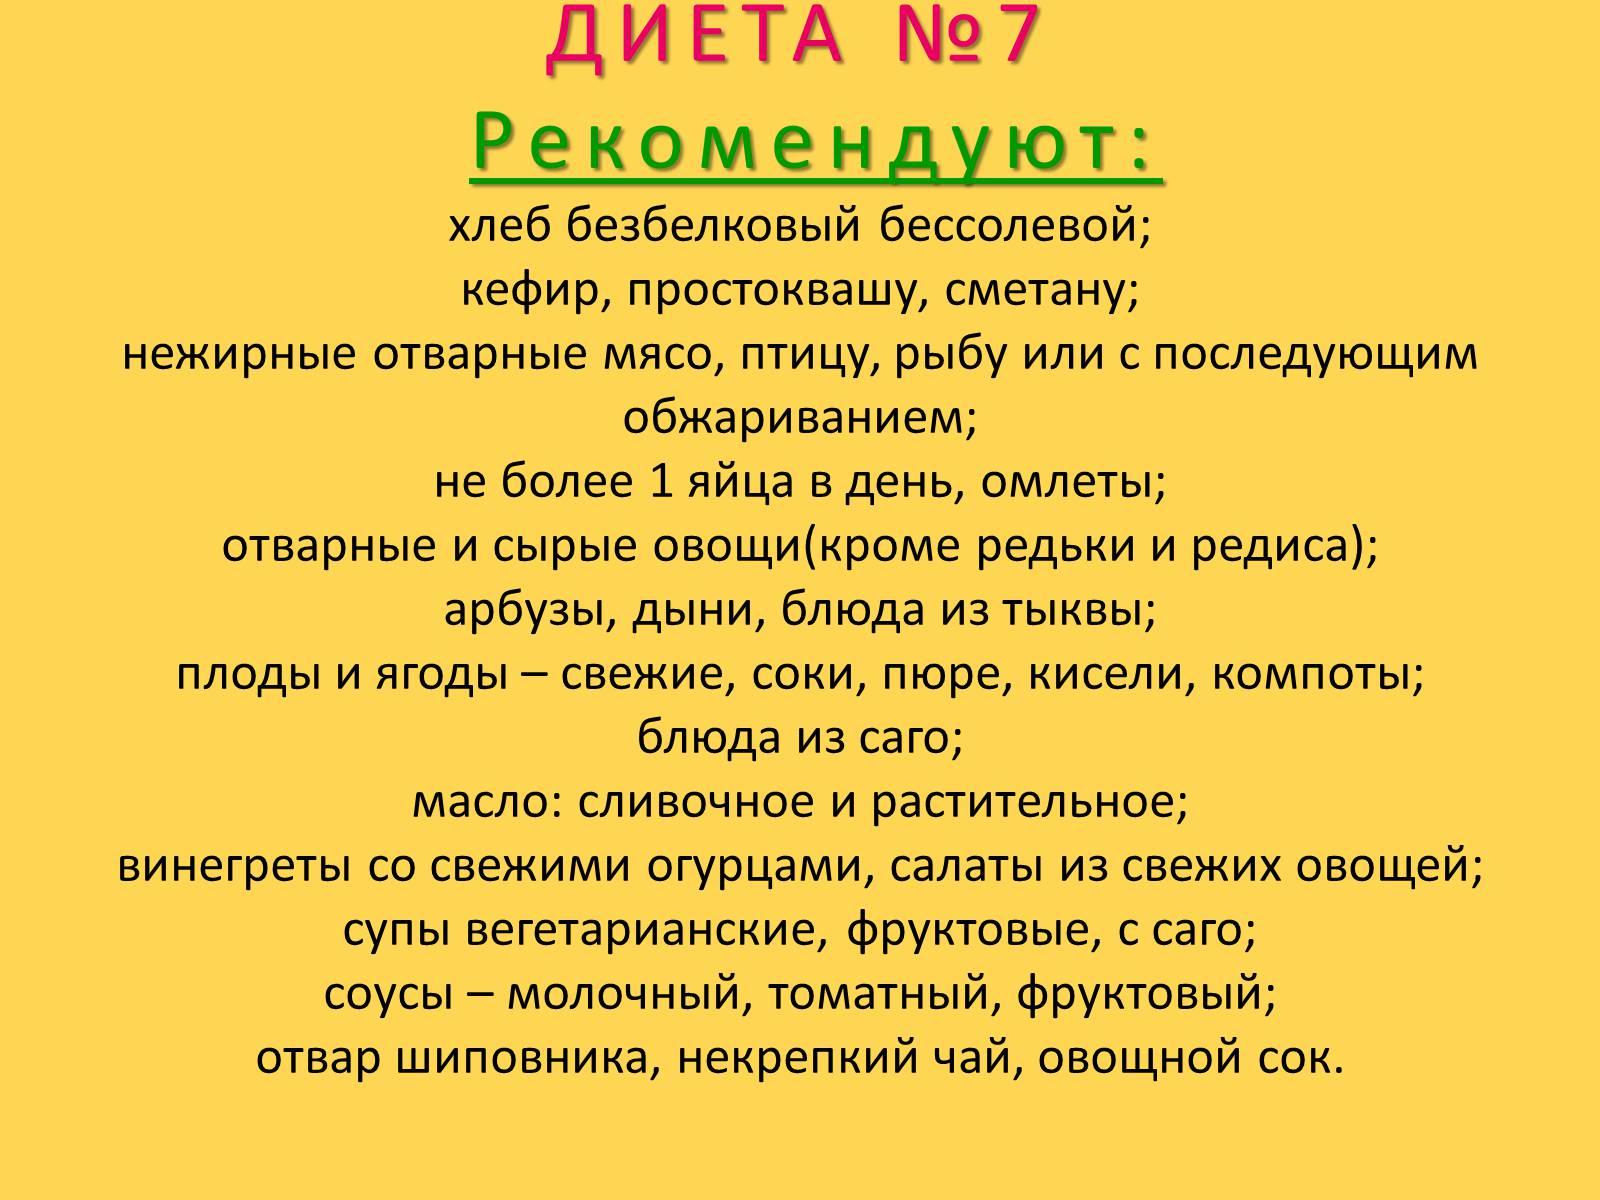 Диета 7а Это. ЛЕЧЕБНАЯ ДИЕТА № 7А (ЛЕЧЕБНЫЙ СТОЛ № 7А)